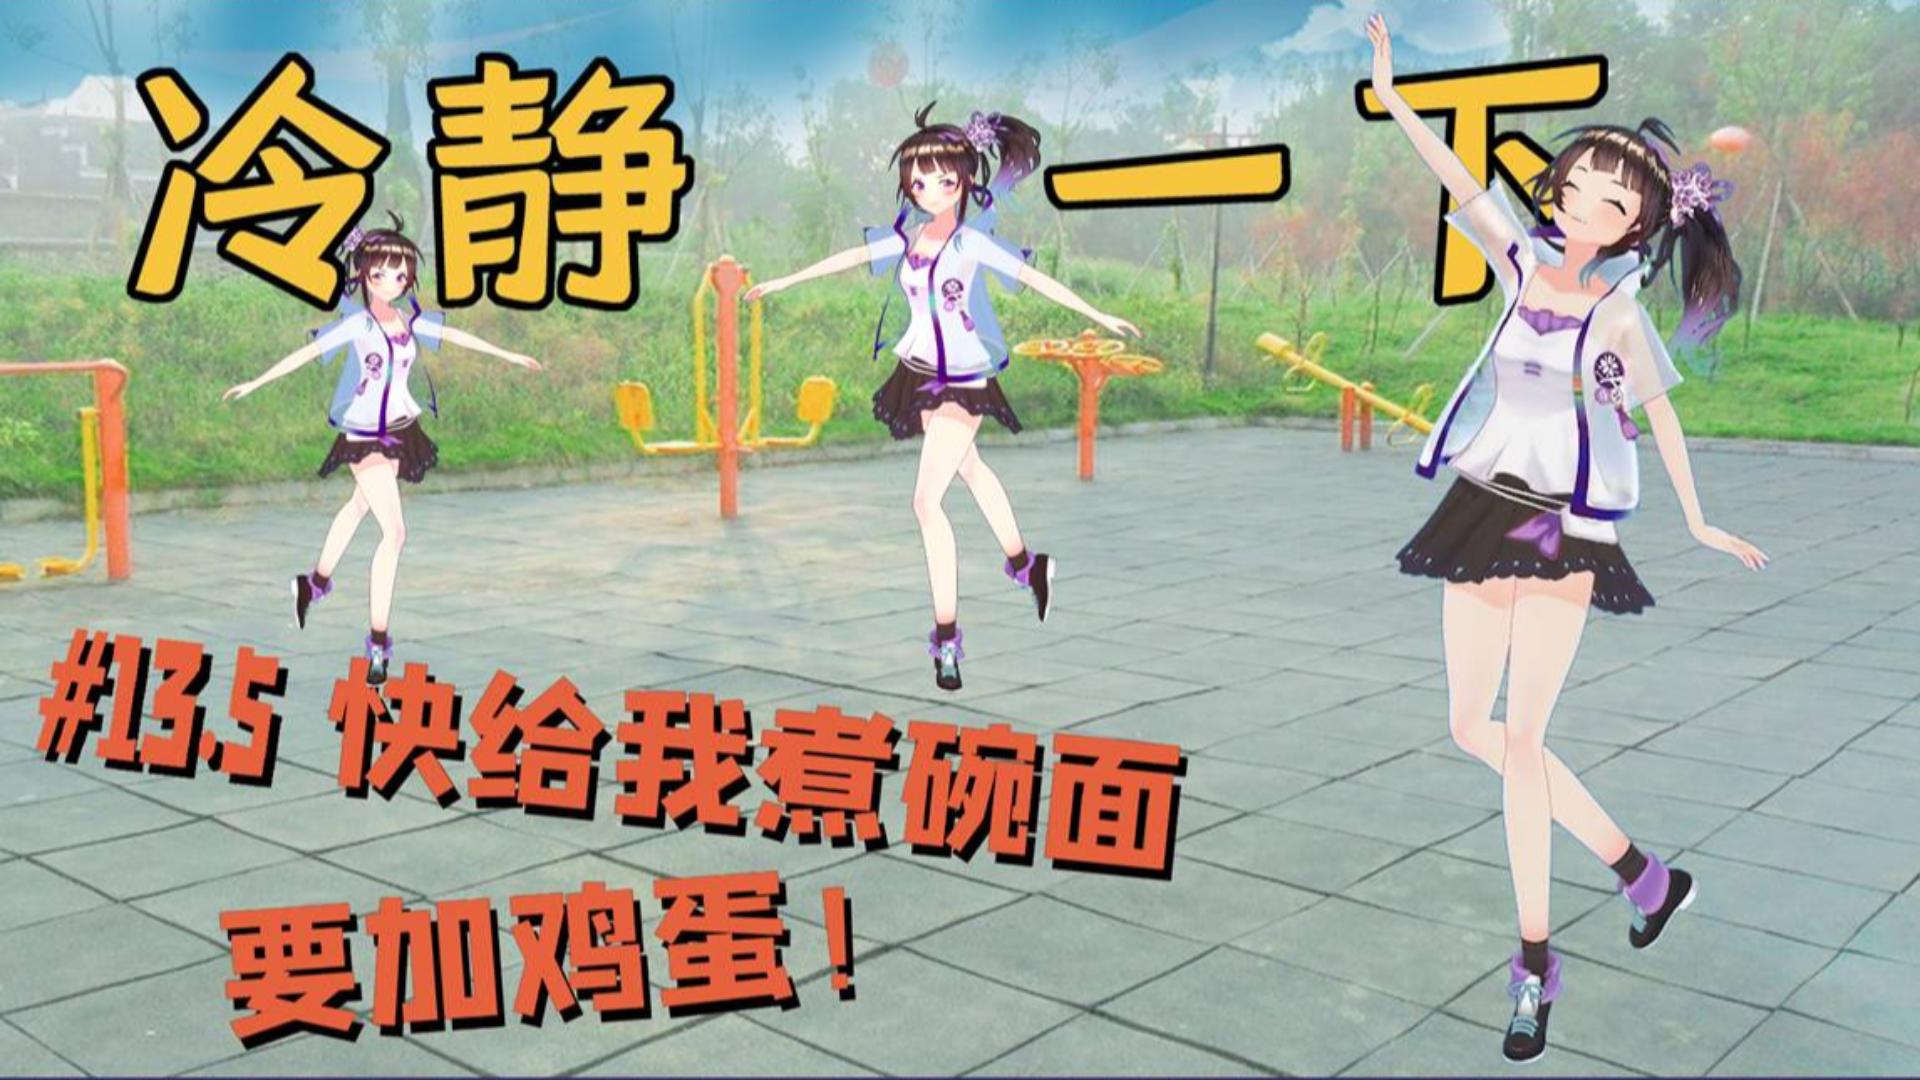 【绛紫】#13.5 呐,做偶像嘛,最重要的就是会跳舞咯~